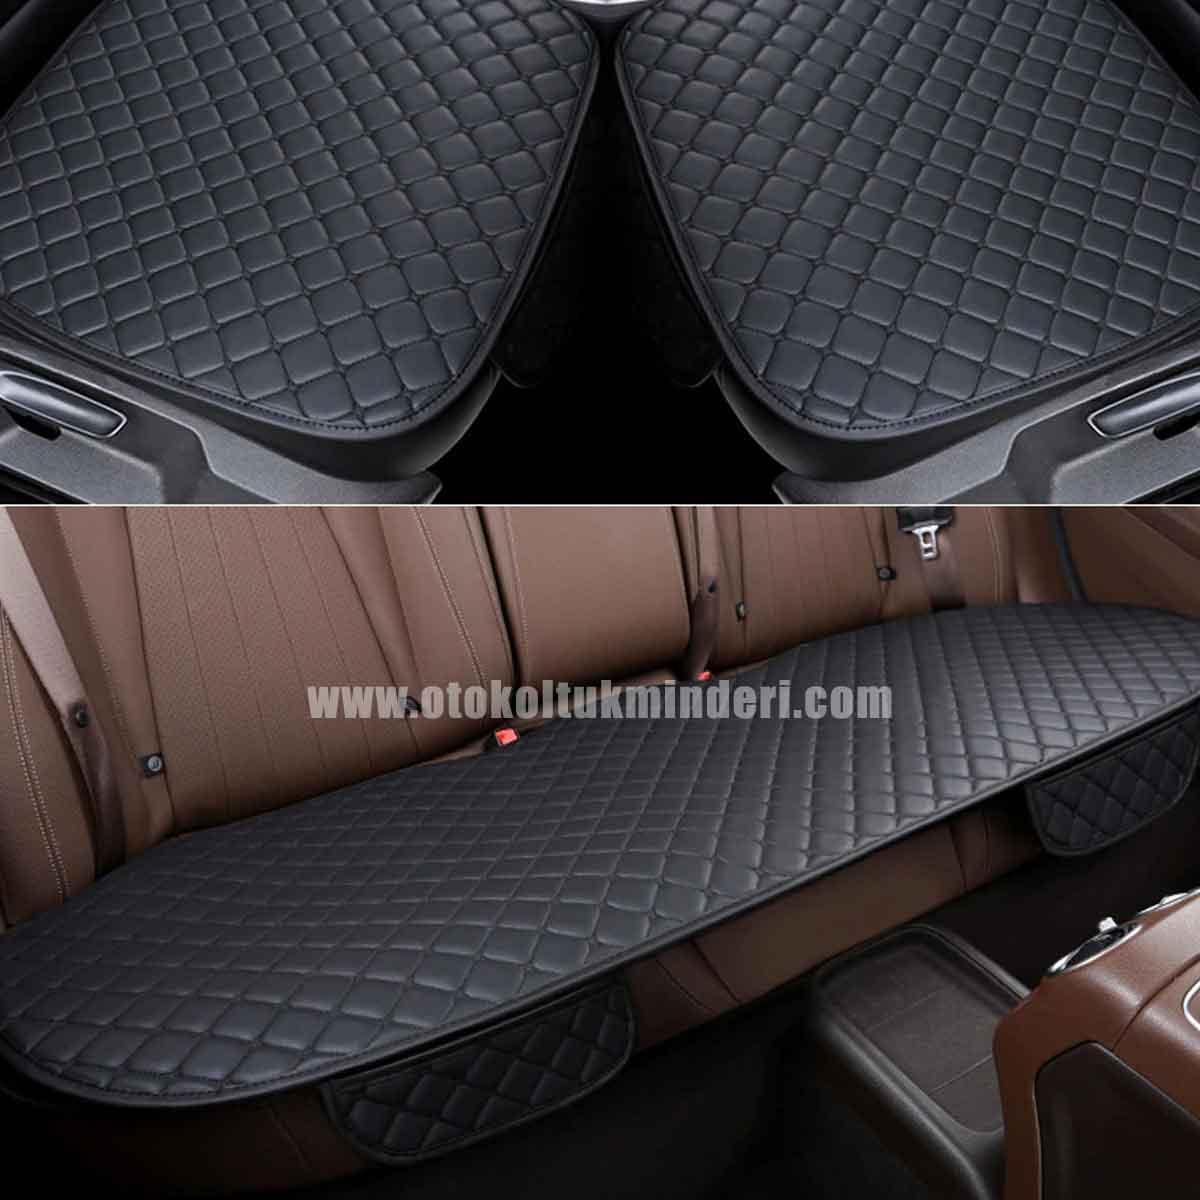 Toyota koltuk kılıfı deri - Toyota Koltuk minderi Siyah Deri Cepli